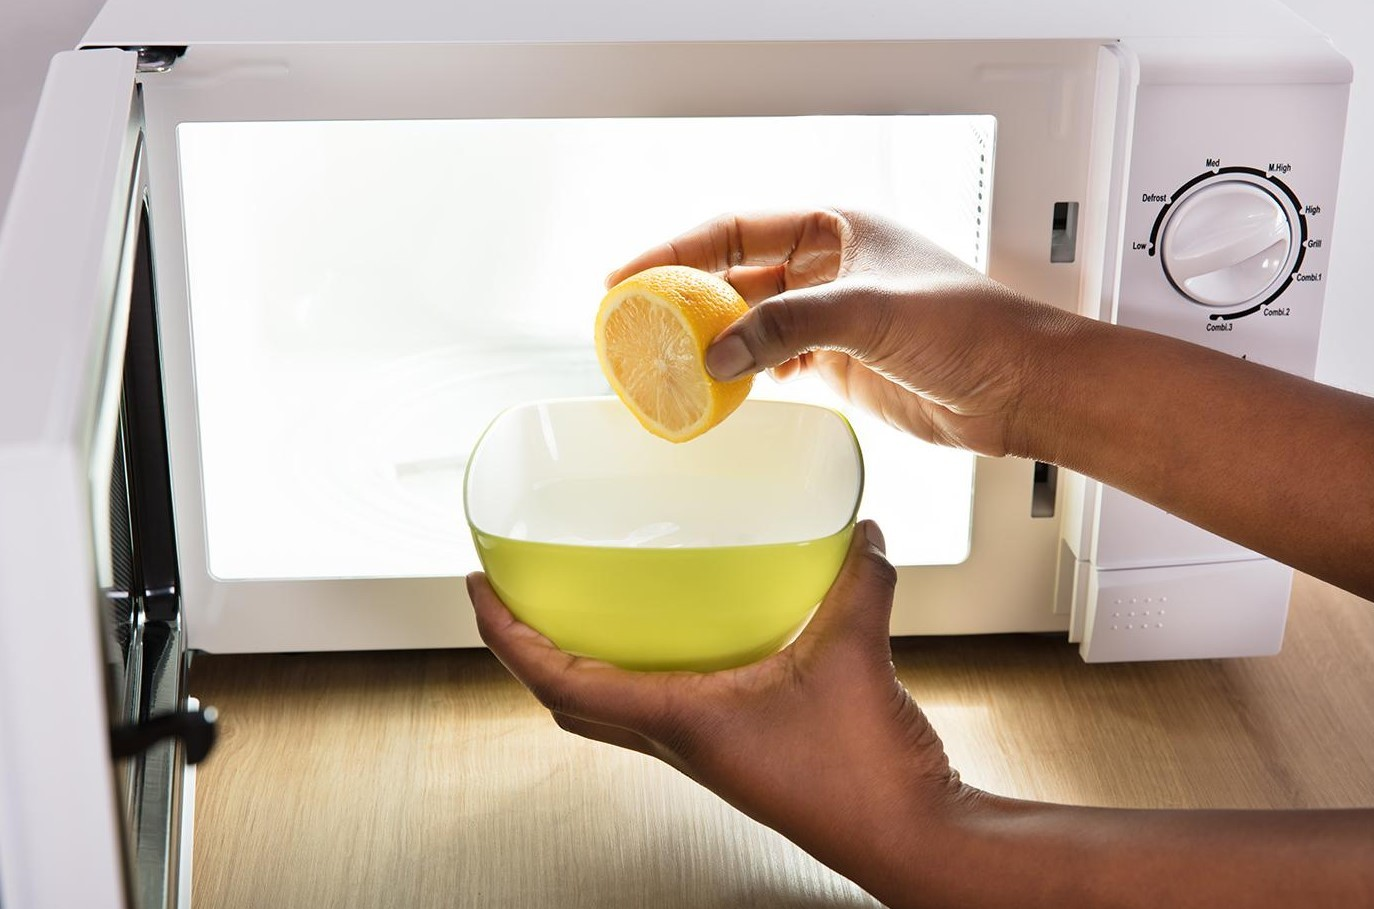 Чистка микроволновки лимонным соком